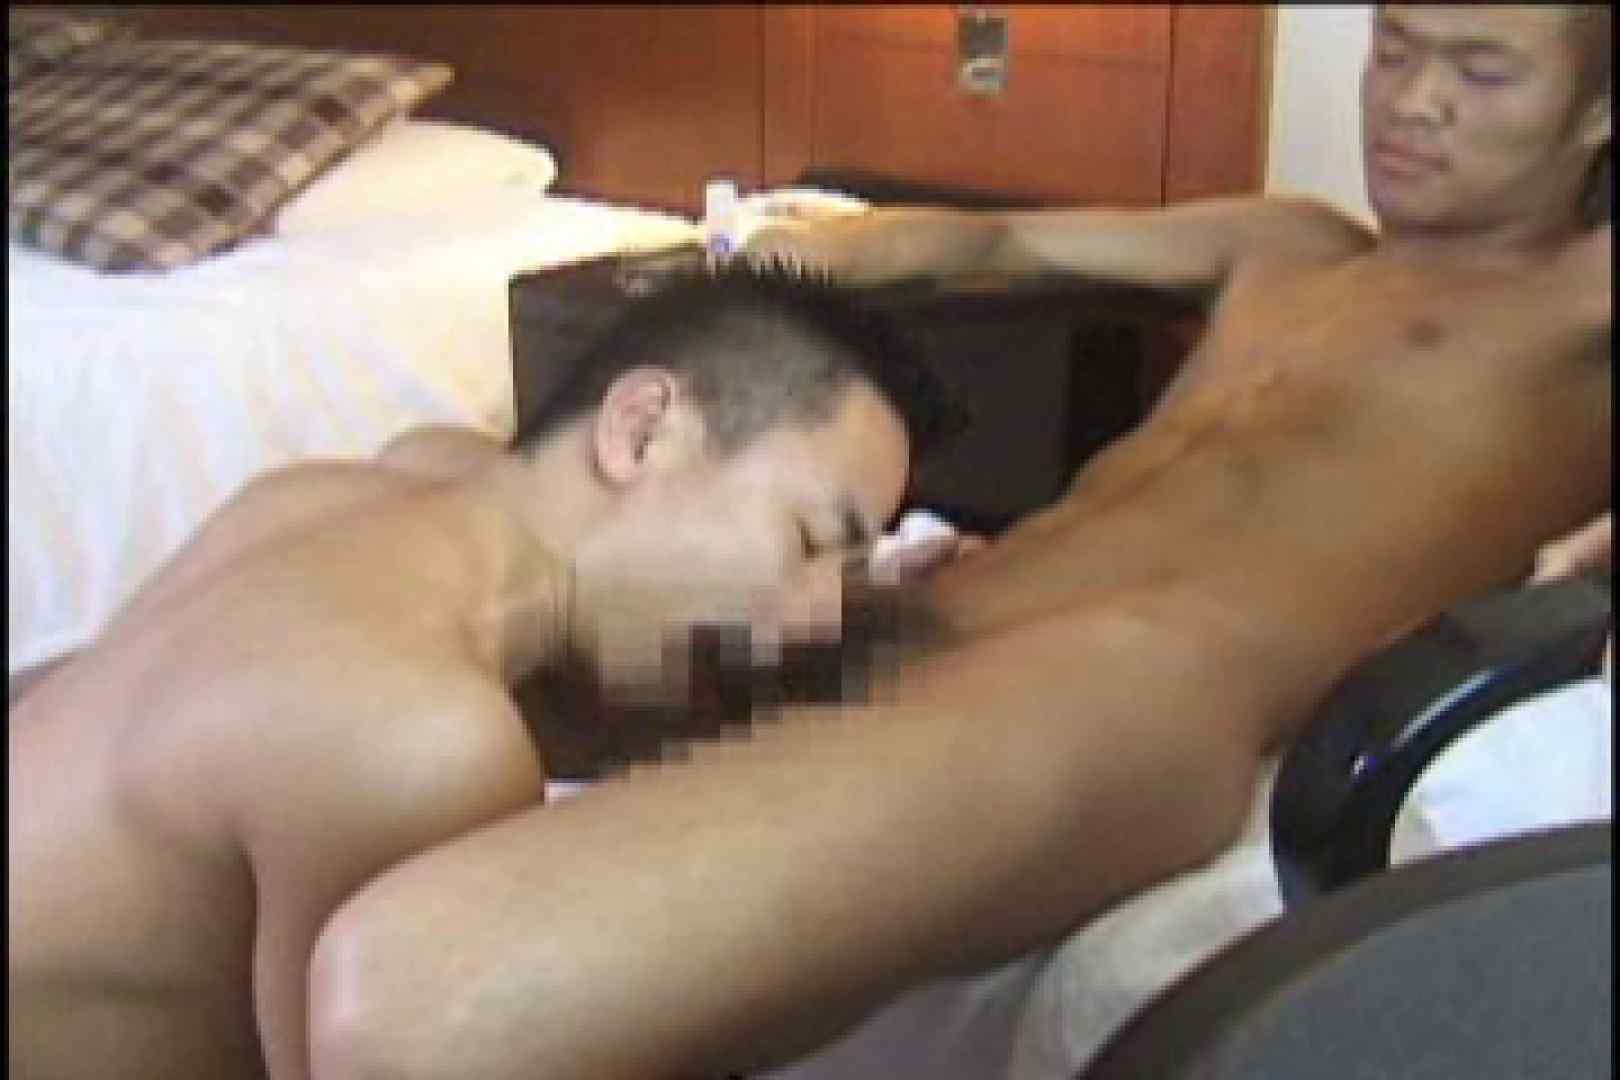 光り輝く男たちのロマンシングメモリー!!vol.09 アナル舐め ゲイセックス画像 79pic 16